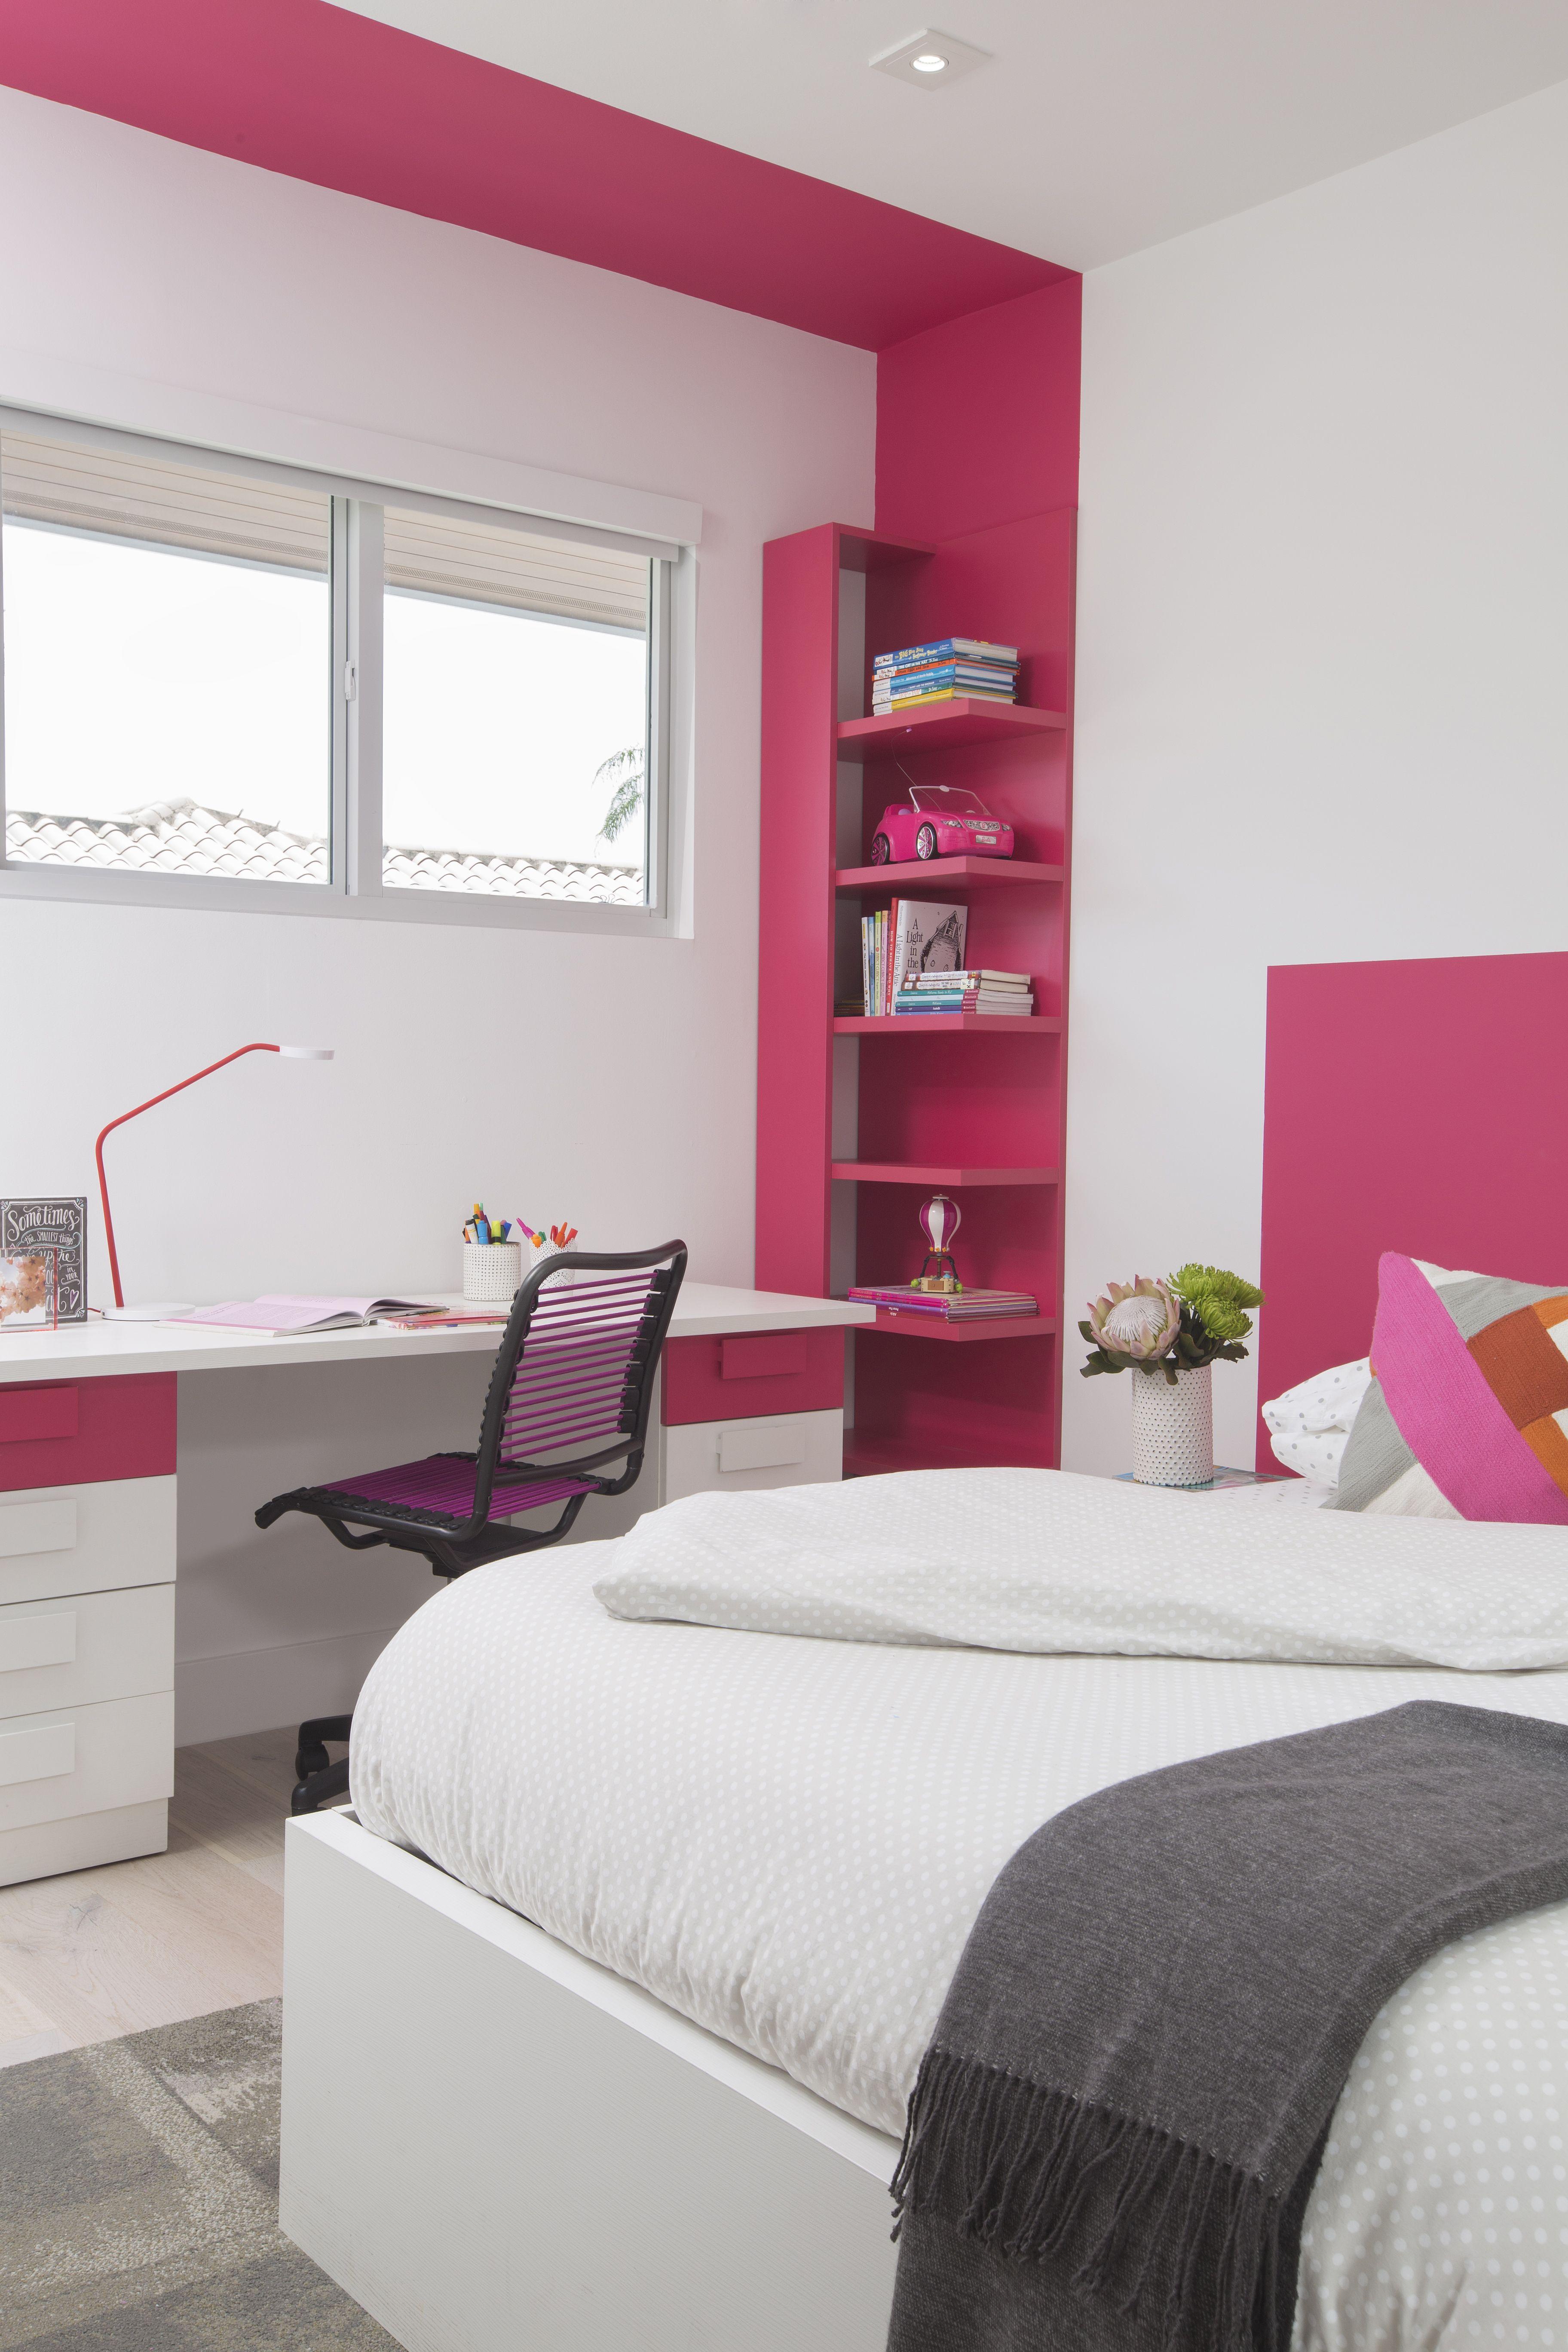 Girls Bedroom Design Inspiration Interior Design Color Blocking Kids Bedroom Design Ideas